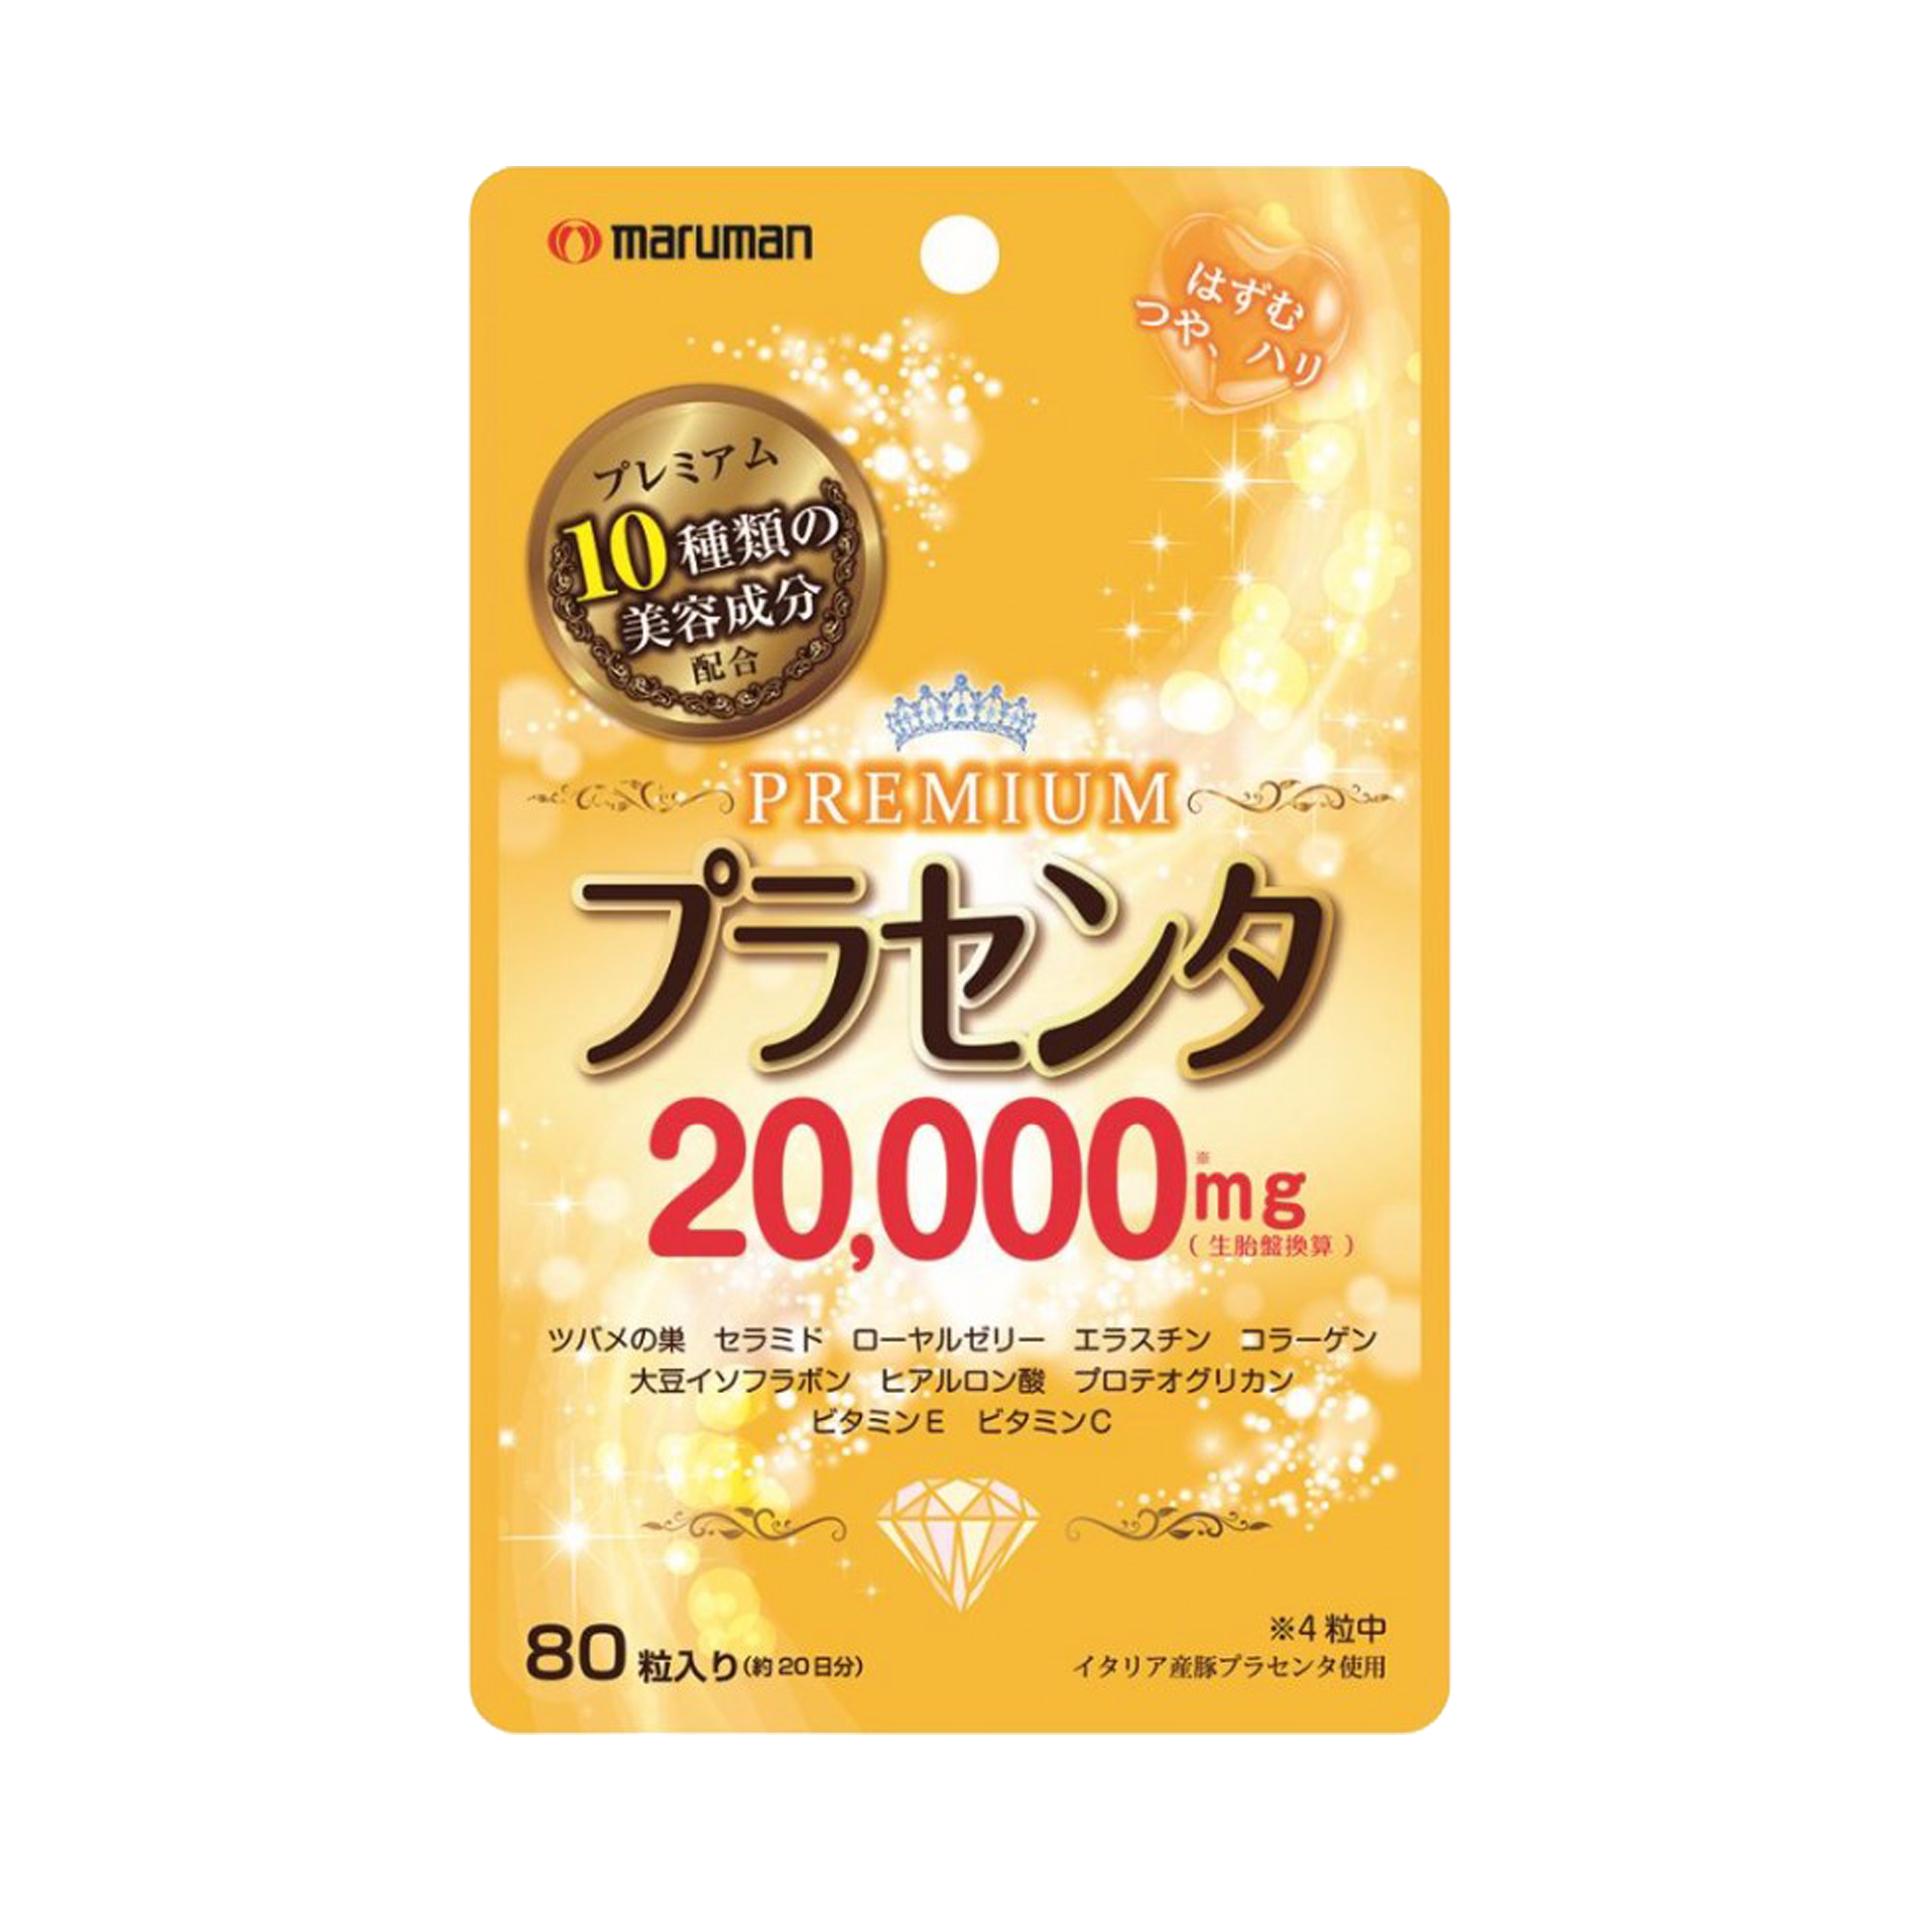 【定期購入】プラセンタ20000プレミアム【1日4粒目安、80粒入り】